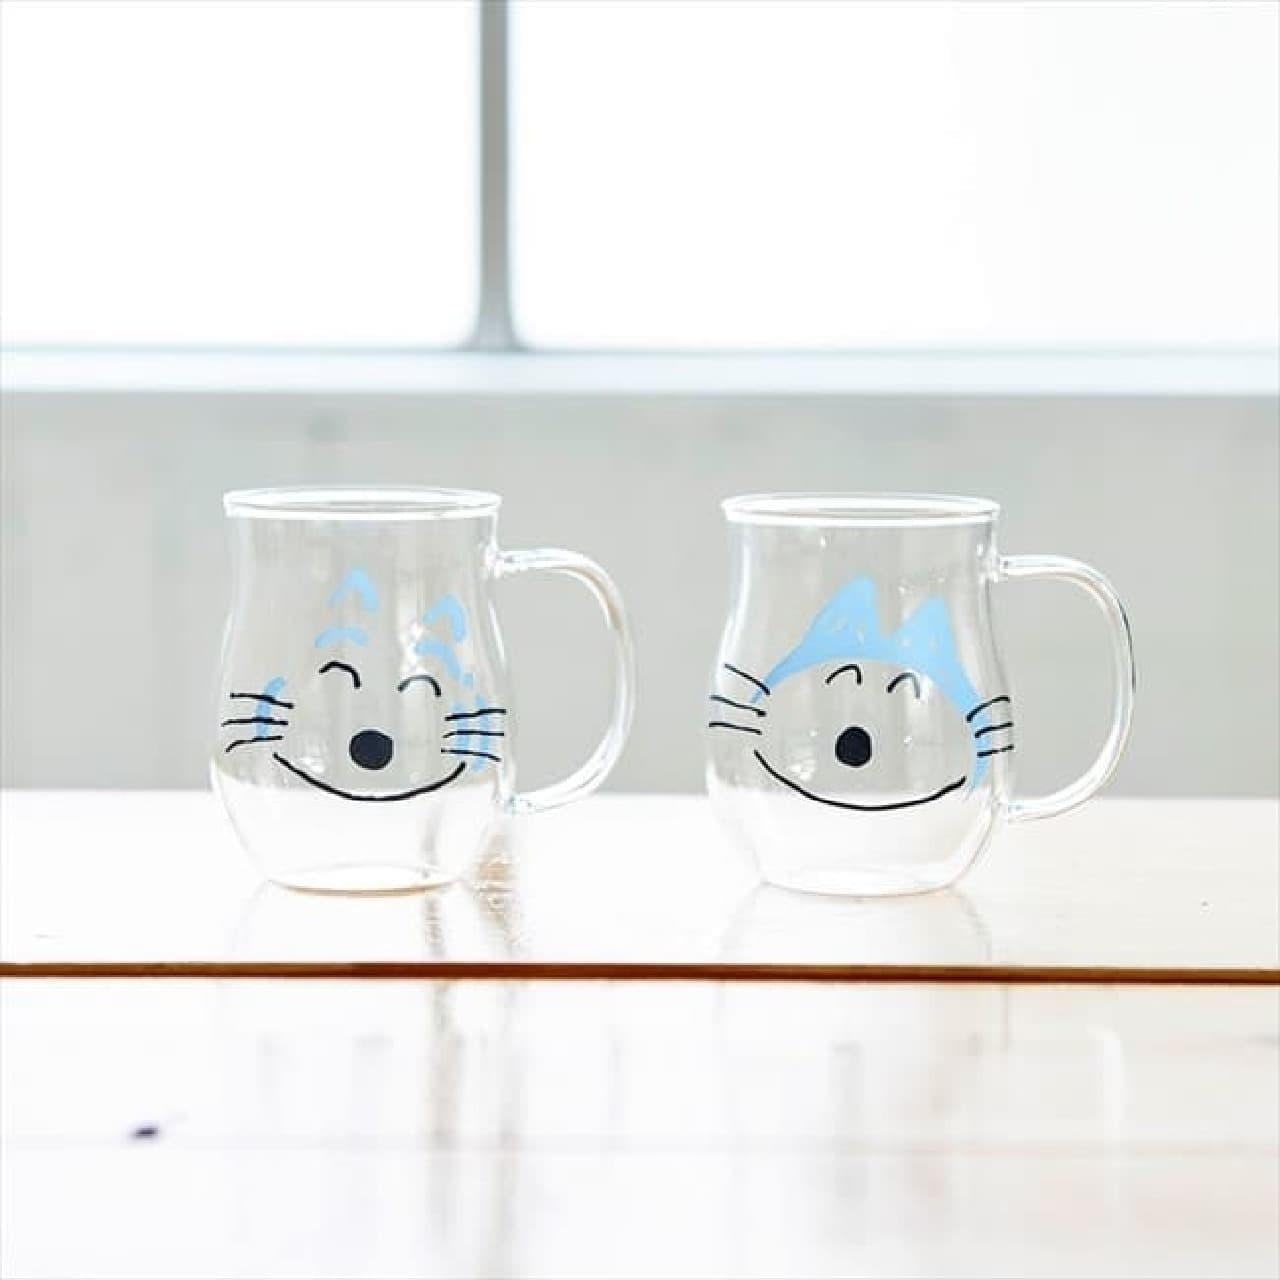 11ぴきのねこ耐熱グラスがヴィレヴァンに -- レトロなフォルム&電子レンジ対応